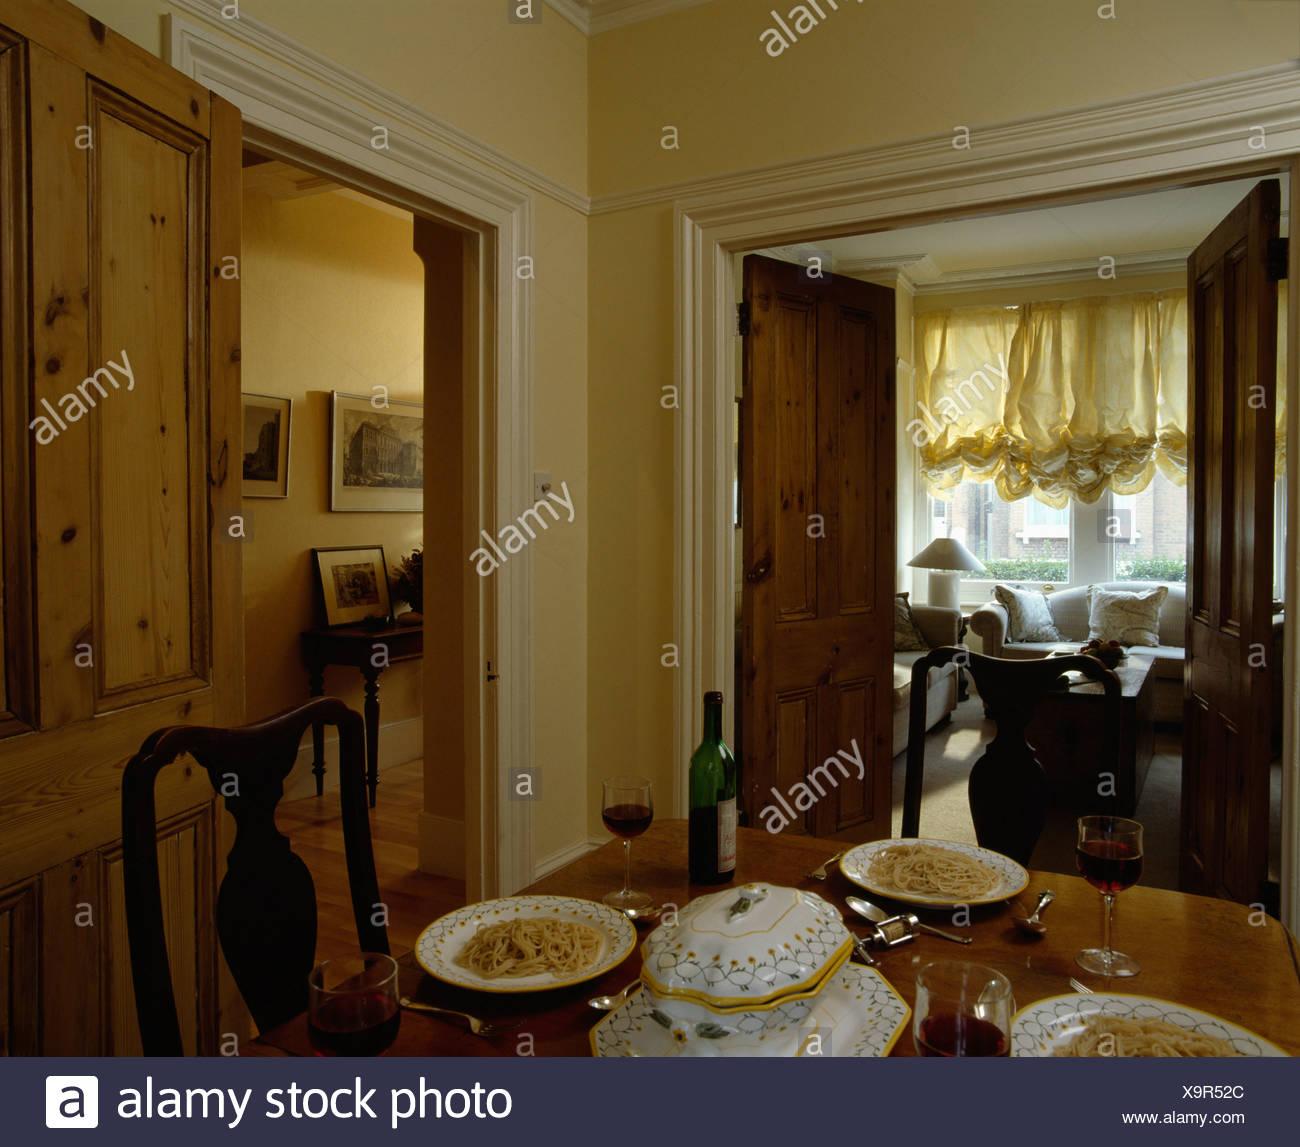 Einstellungen am Esstisch mit Blick durch offene Türen, Wohnzimmer ...